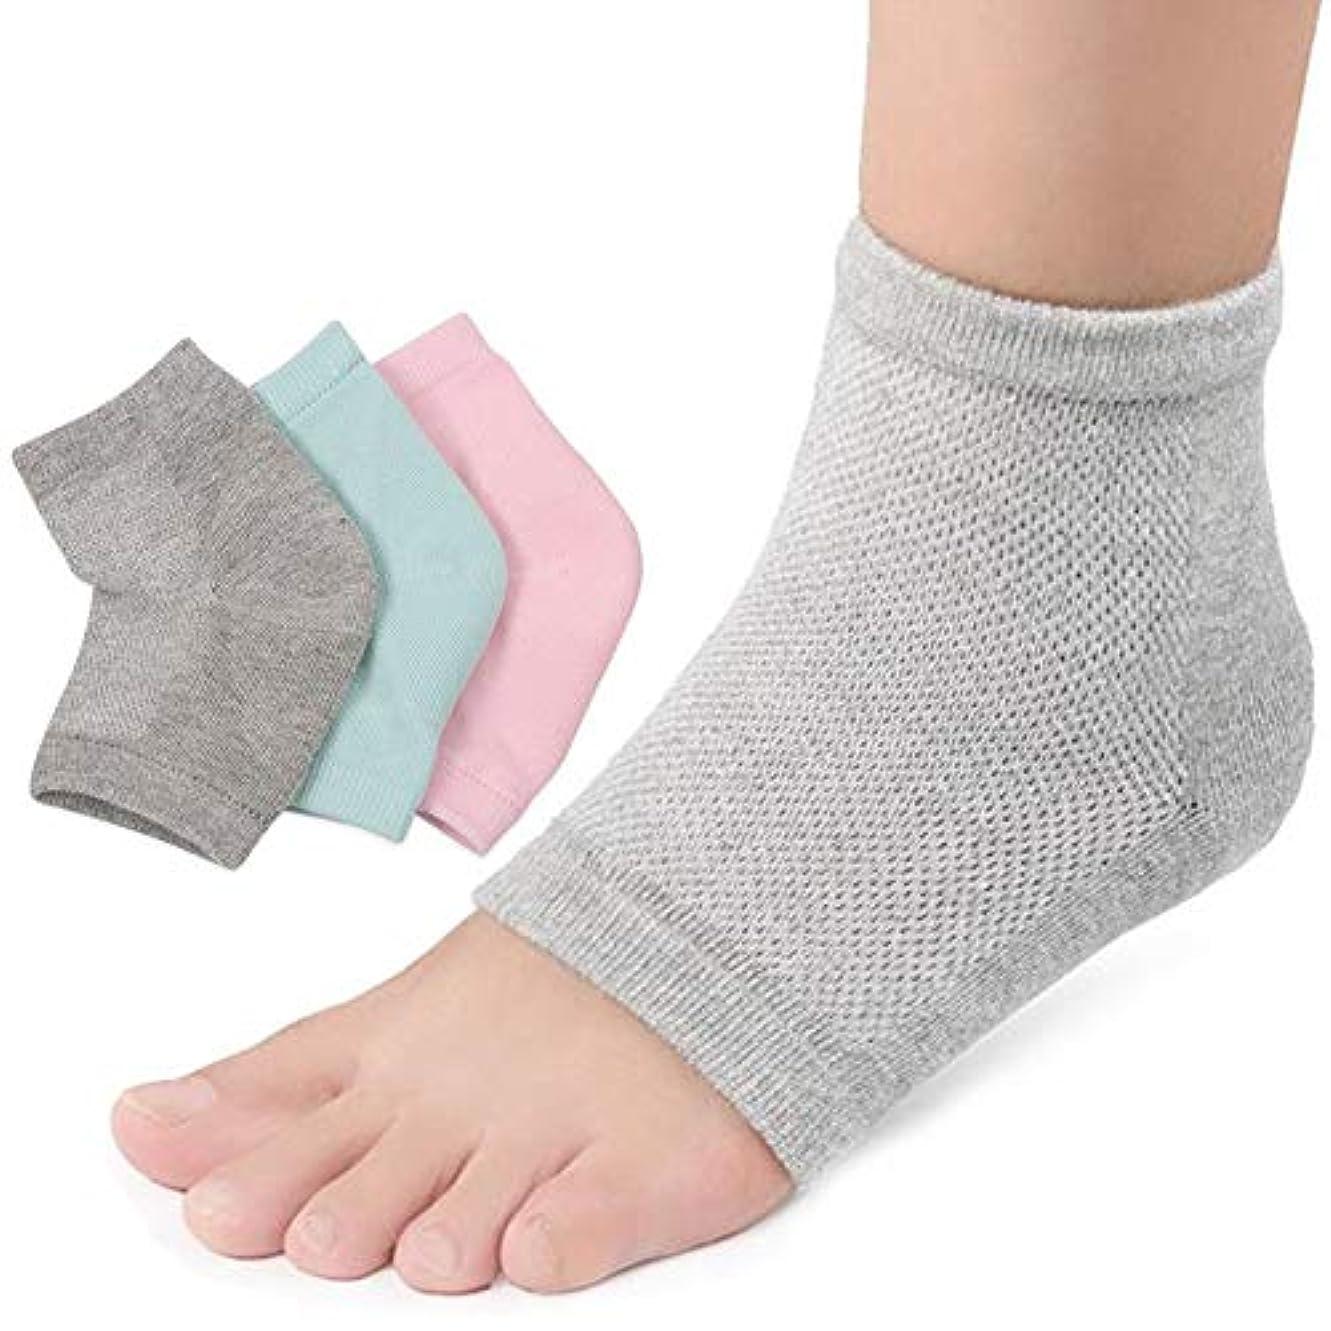 測定可能何でも適性3足セットかかと 靴下 かかとケア つるつる ジェル 靴下 角質 ケア 保湿 美容 角質除去足ケア 男女兼用